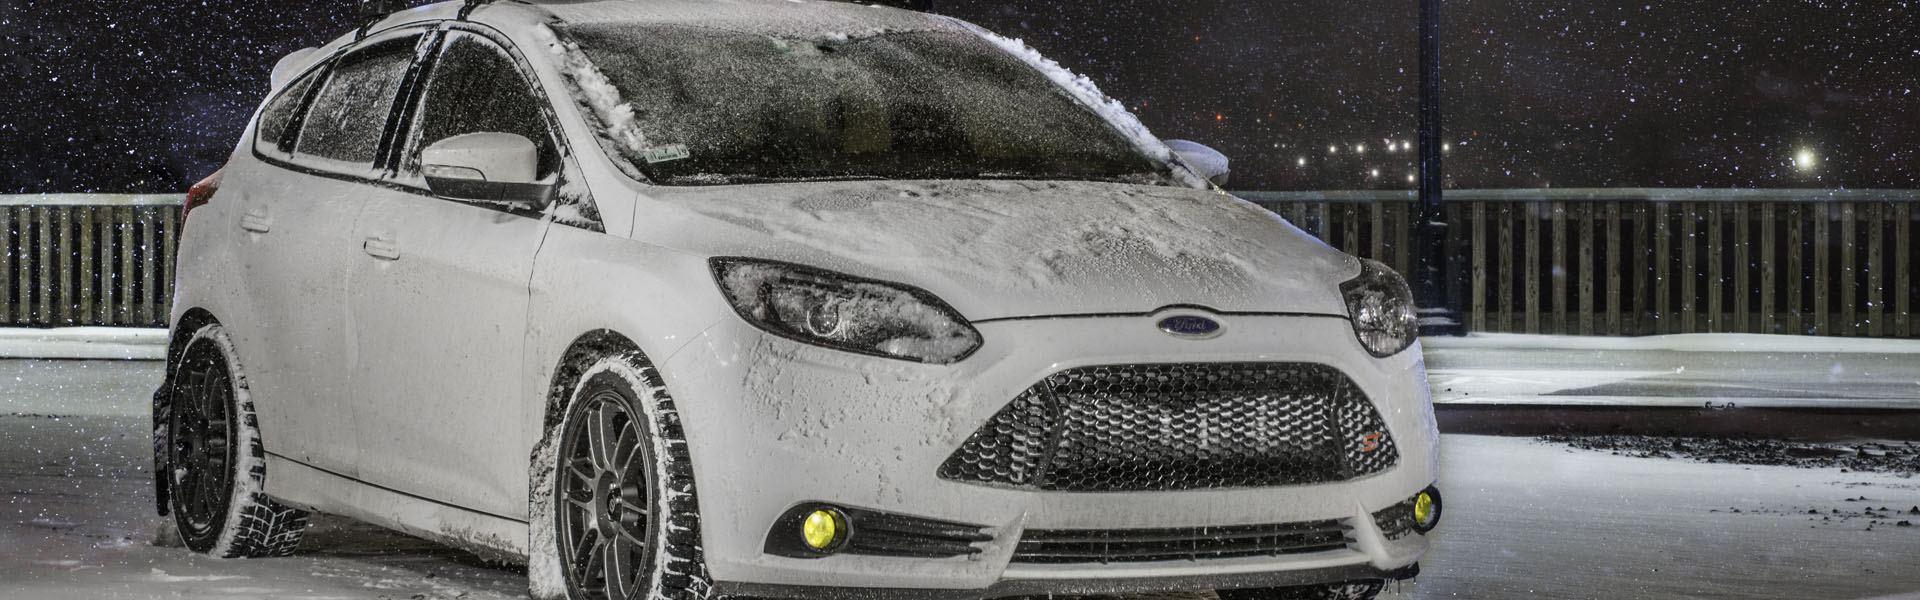 Sneeuwkettingen voor de Ford Focus